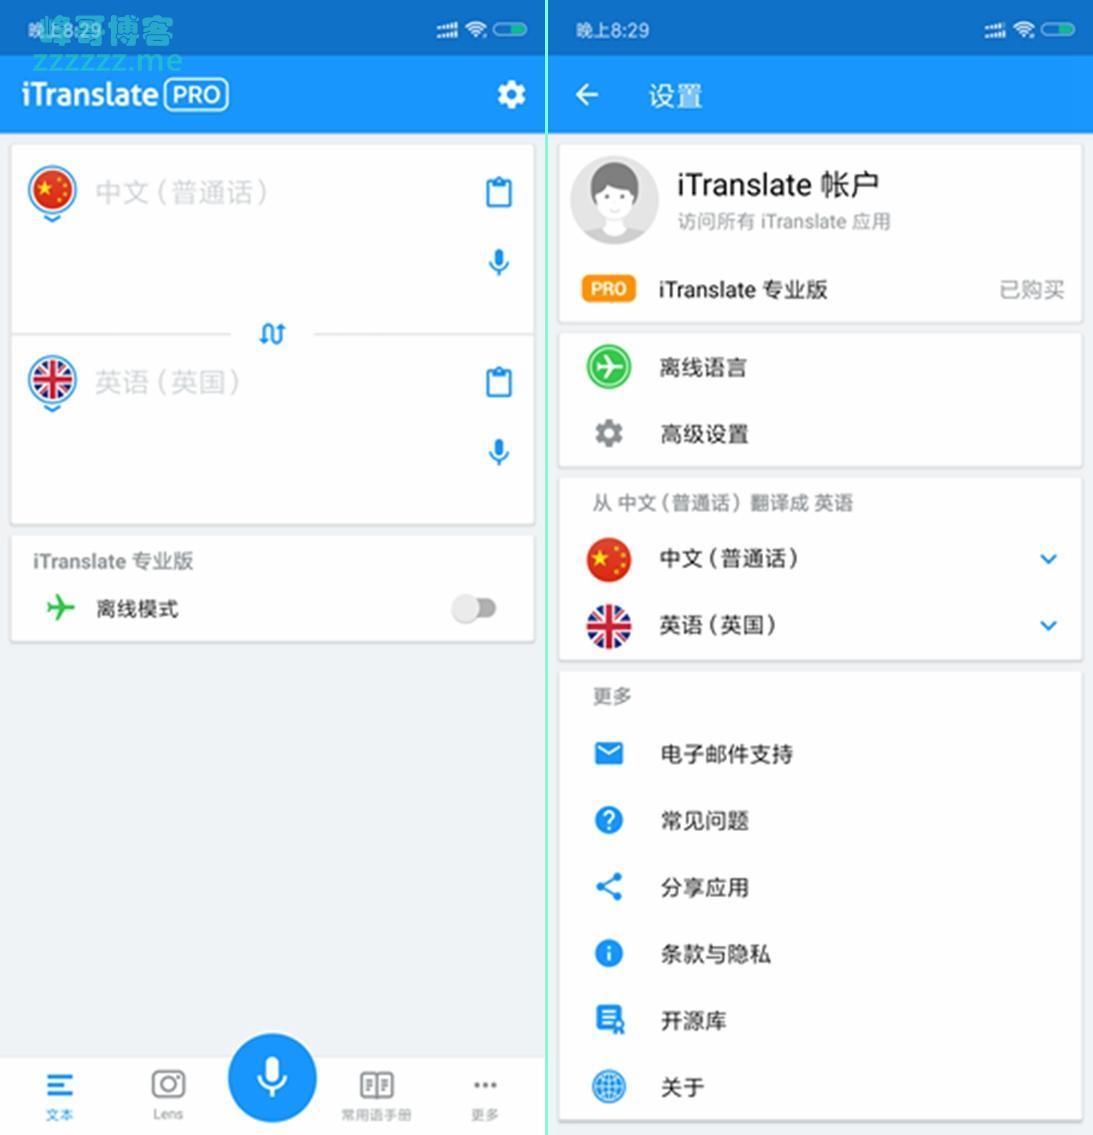 安卓全球翻译软件iTranslate V5.1.7 Pro中文汉化专业版无广告完美破解版